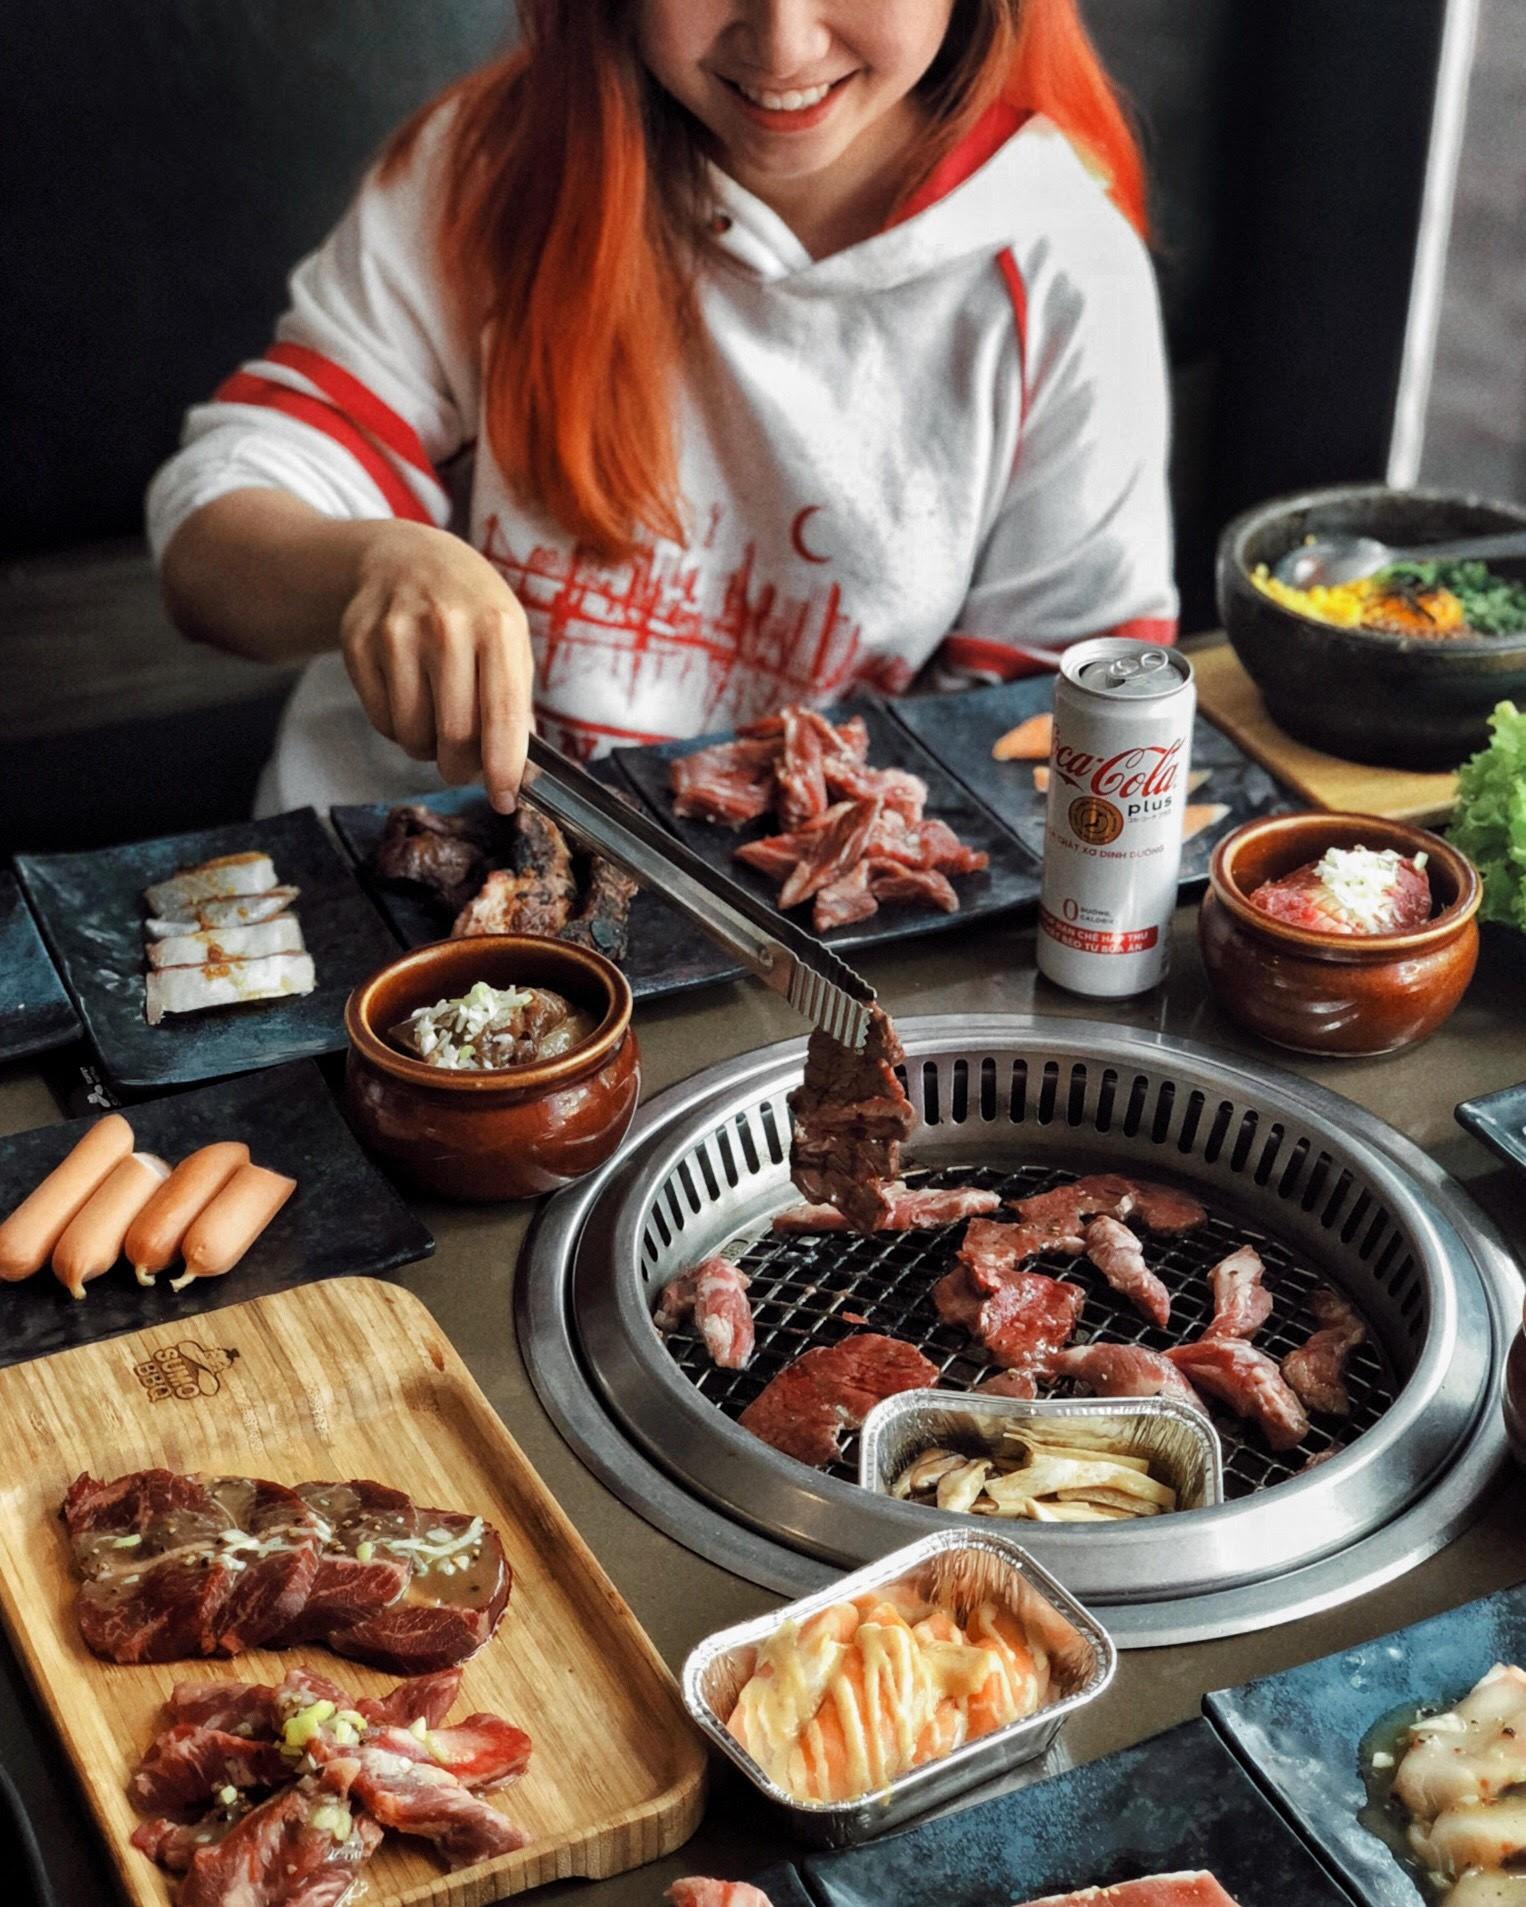 Mới ra mắt, giới trẻ đã mê tít cặp đôi hoàn hảo - món nướng và đồ uống đạt chứng nhận FOSHU từ Nhật Bản - Ảnh 2.